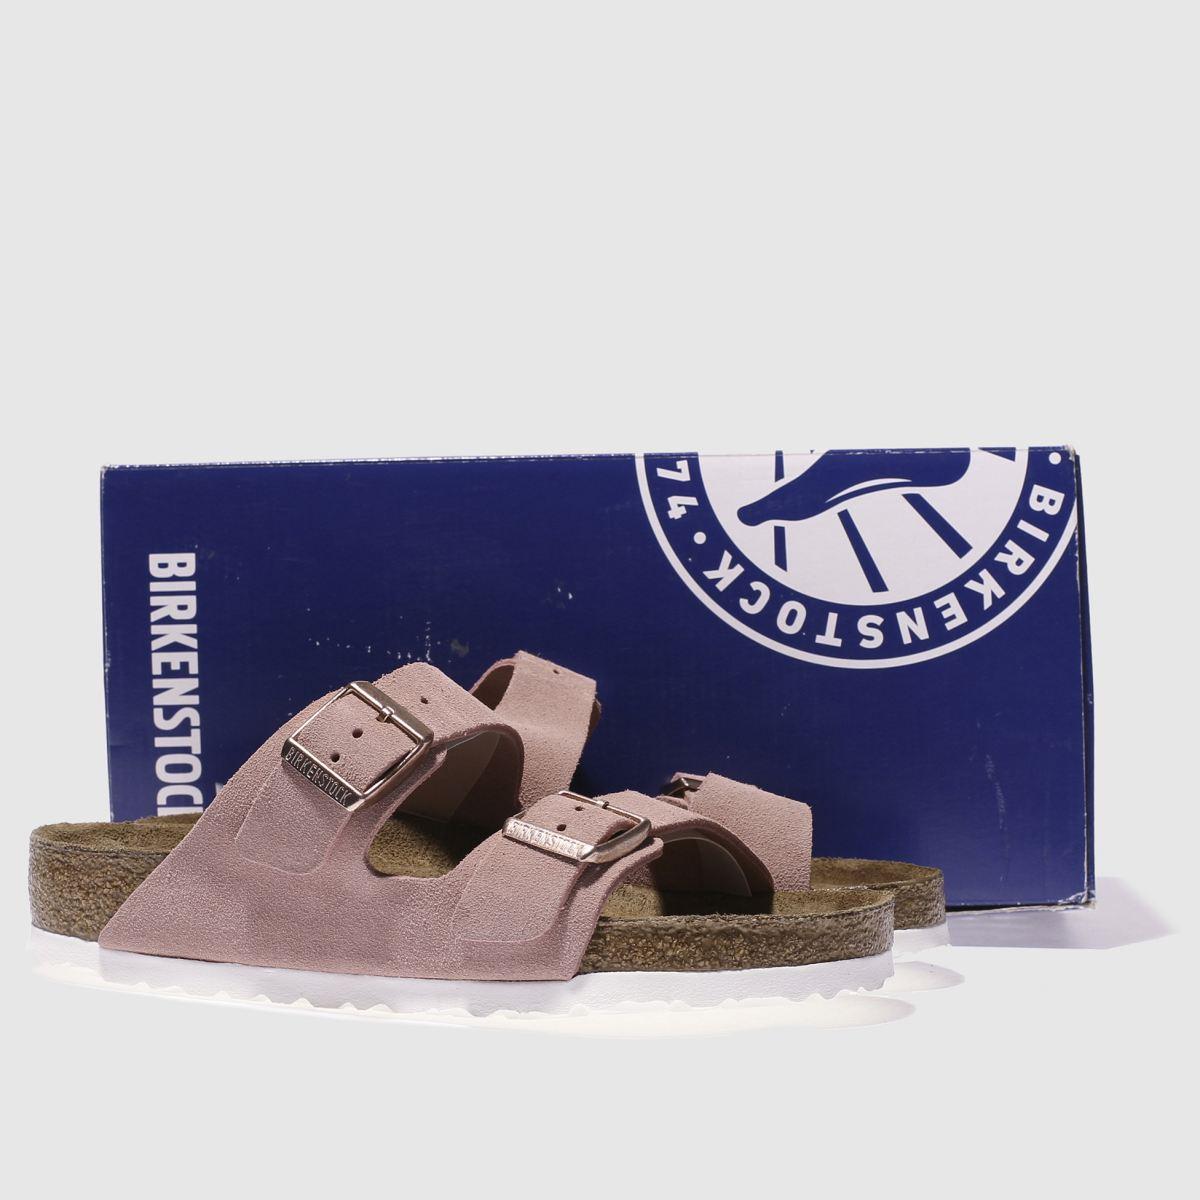 Damen Rosa birkenstock Arizona Soft schuh Footbed Suede Sandalen   schuh Soft Gute Qualität beliebte Schuhe df56c1